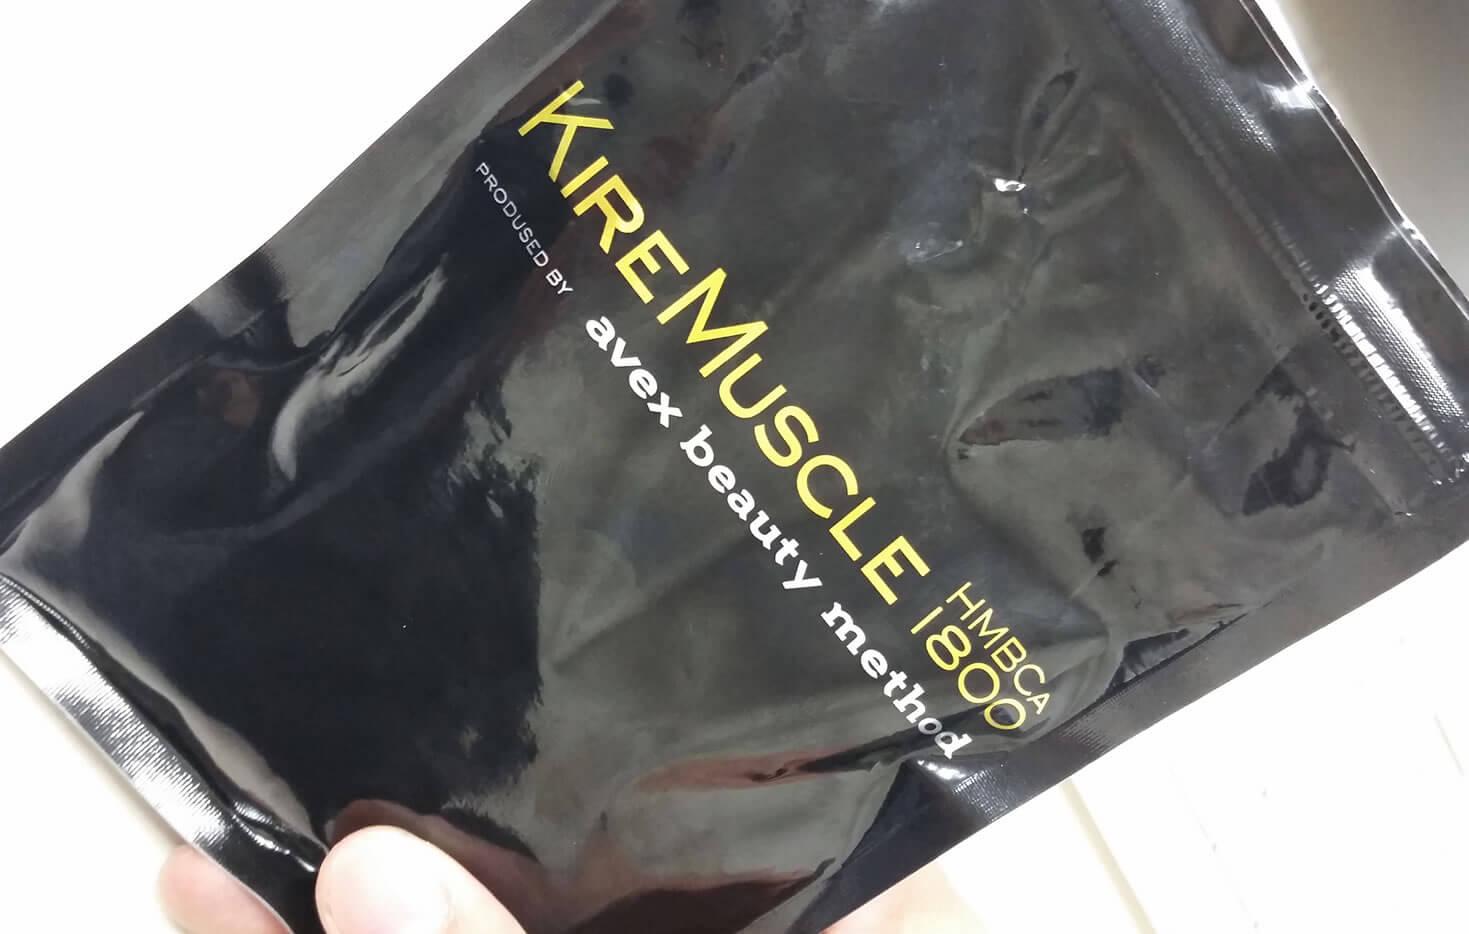 キレマッスル(KIRE MUSCLE)を購入してみました